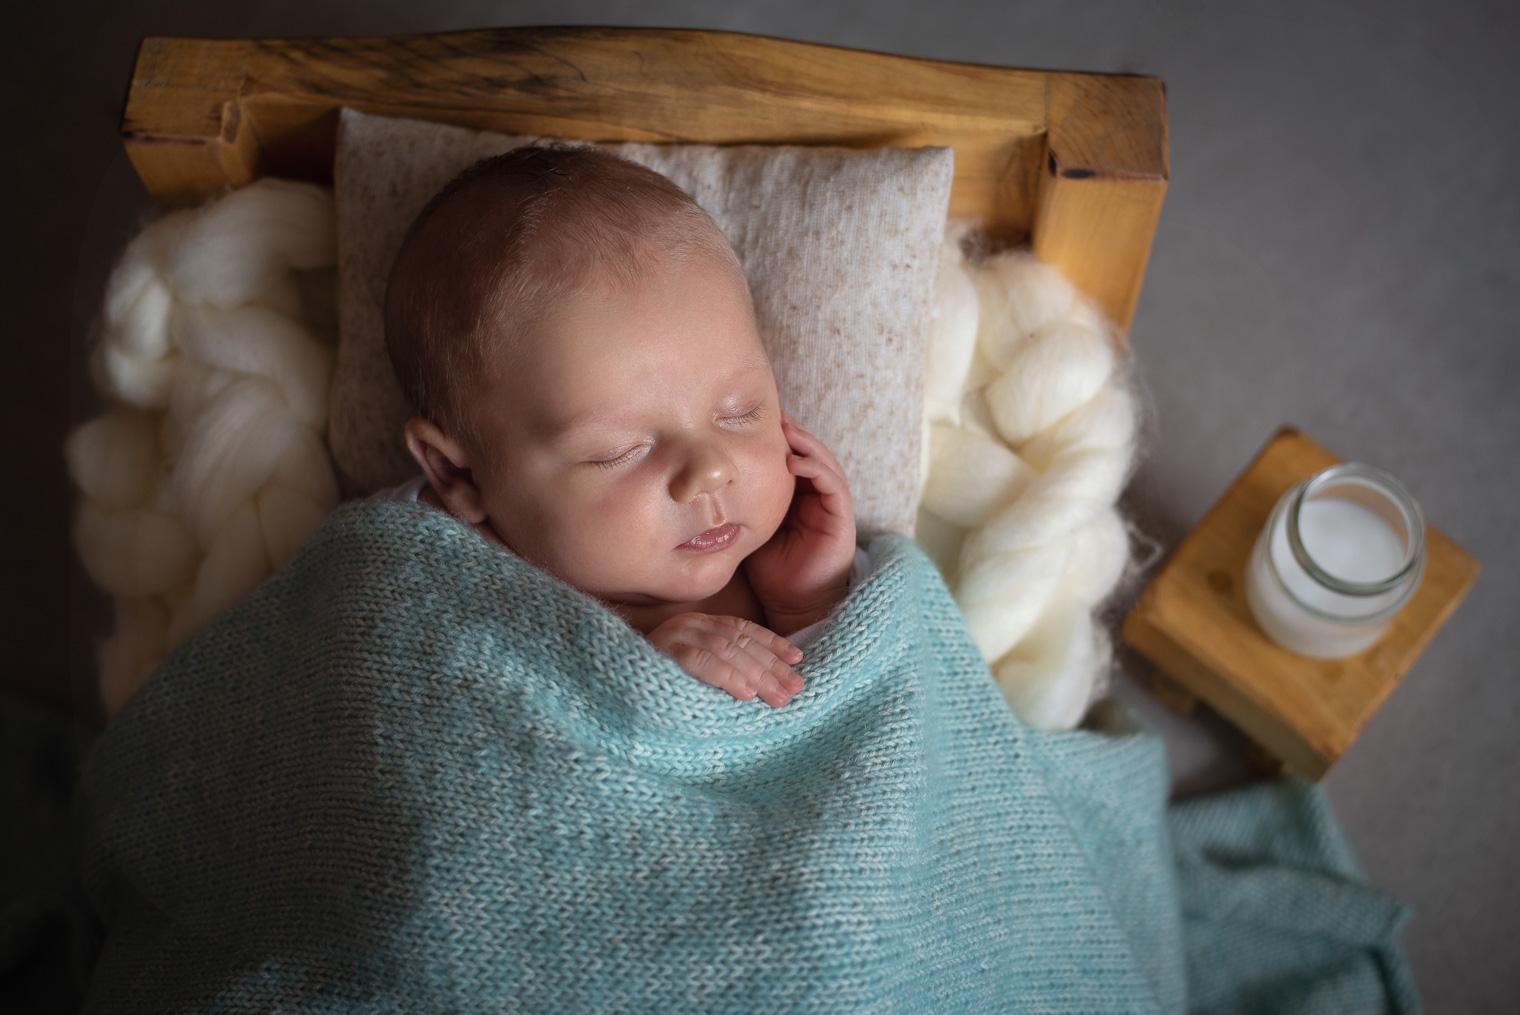 belinda lopez photo nouveau-ne photographie famille grossesse bebe enfant maternite photographe bourg-saint-maurice savoie belindalopez.fr--40